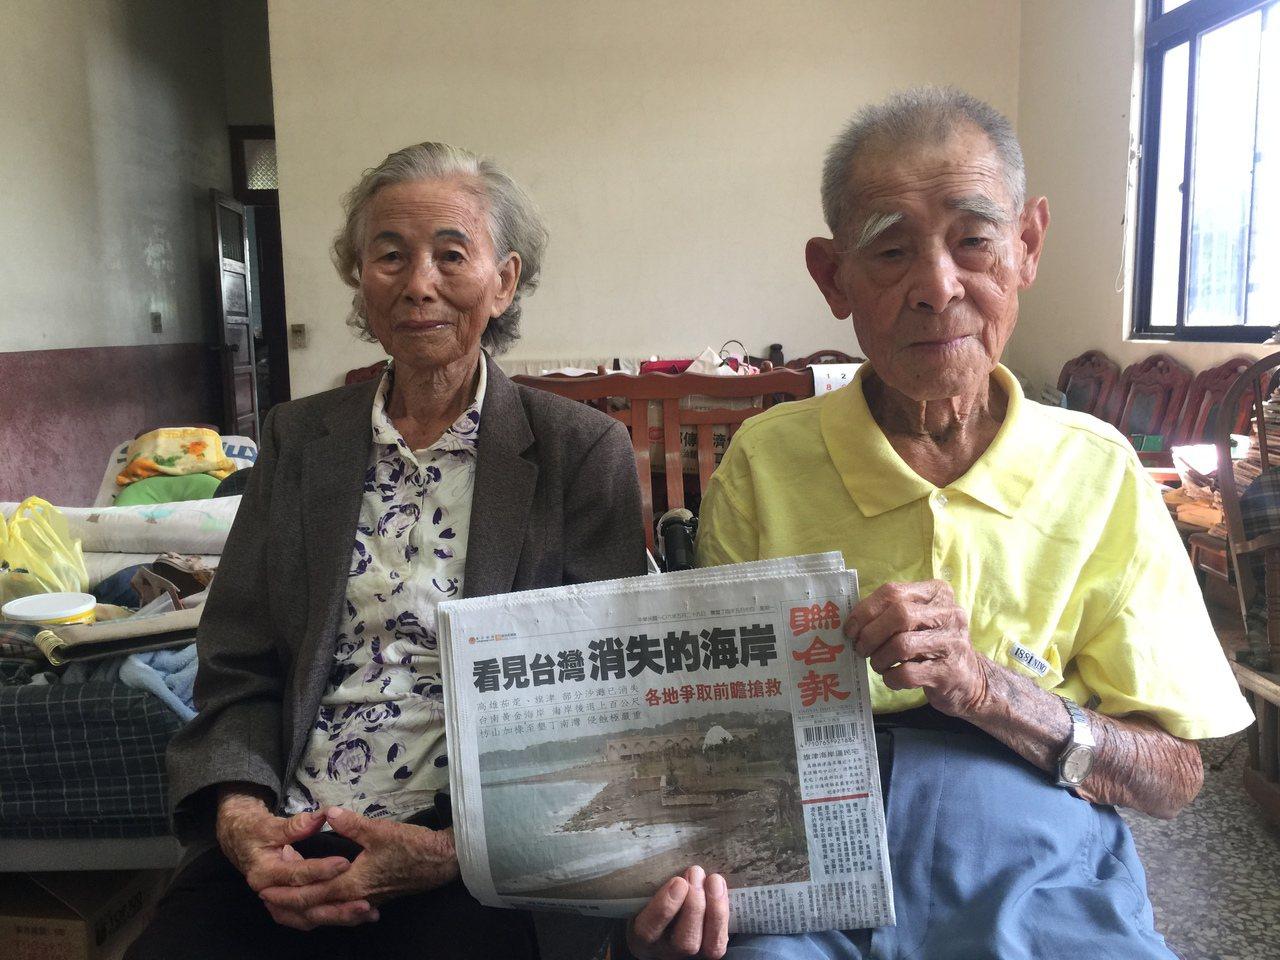 同為96歲的李明山(右)、李黃春雪(左)夫婦看聯合報逾50年。記者吳政修/攝影